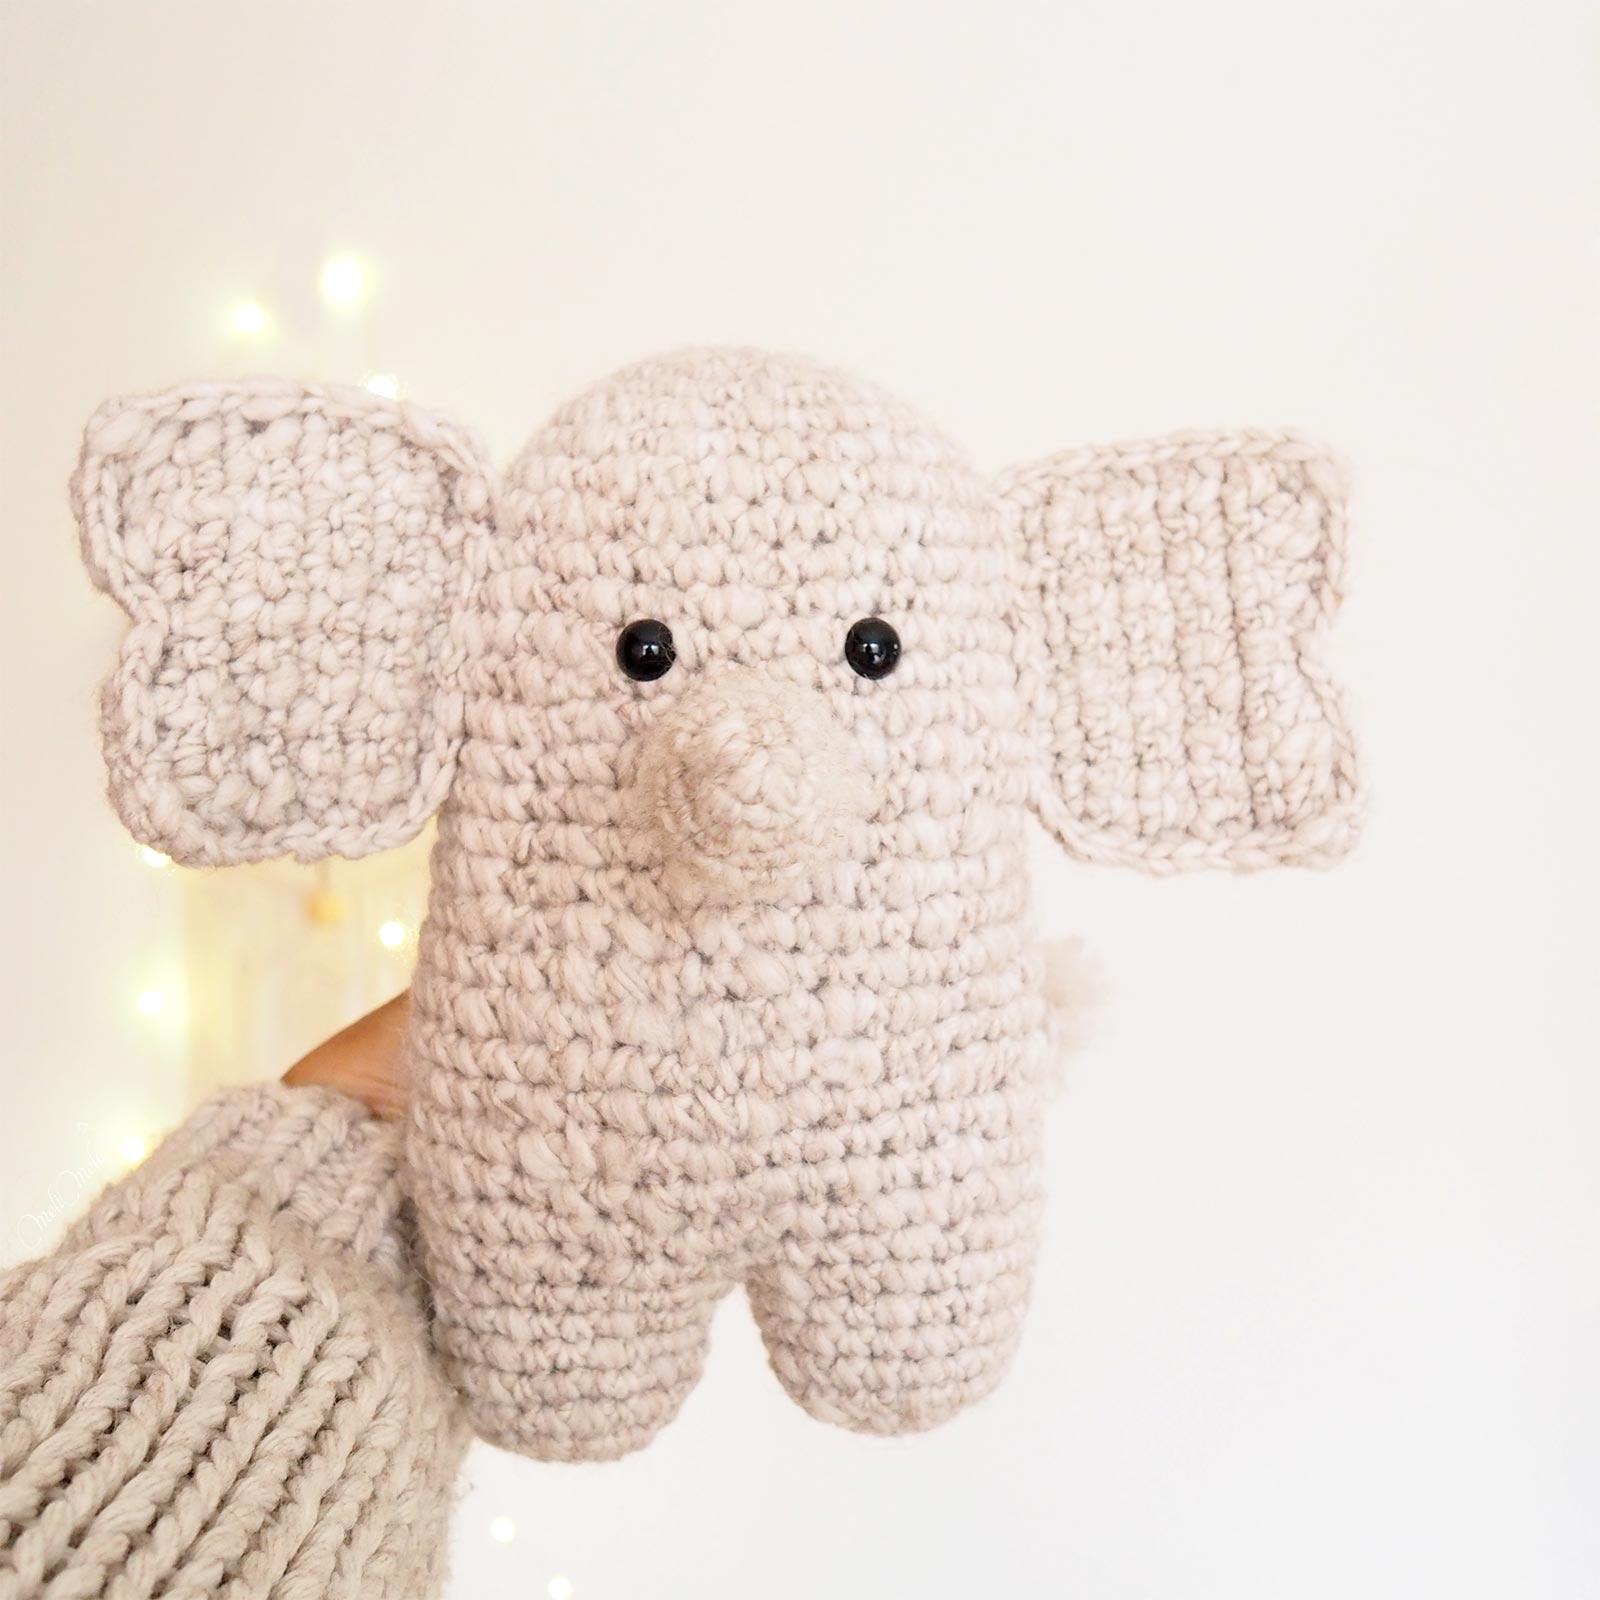 doudou edgar éléphant beige doux crochet idée cadeau mignonnerie laboutiquedemelimelo